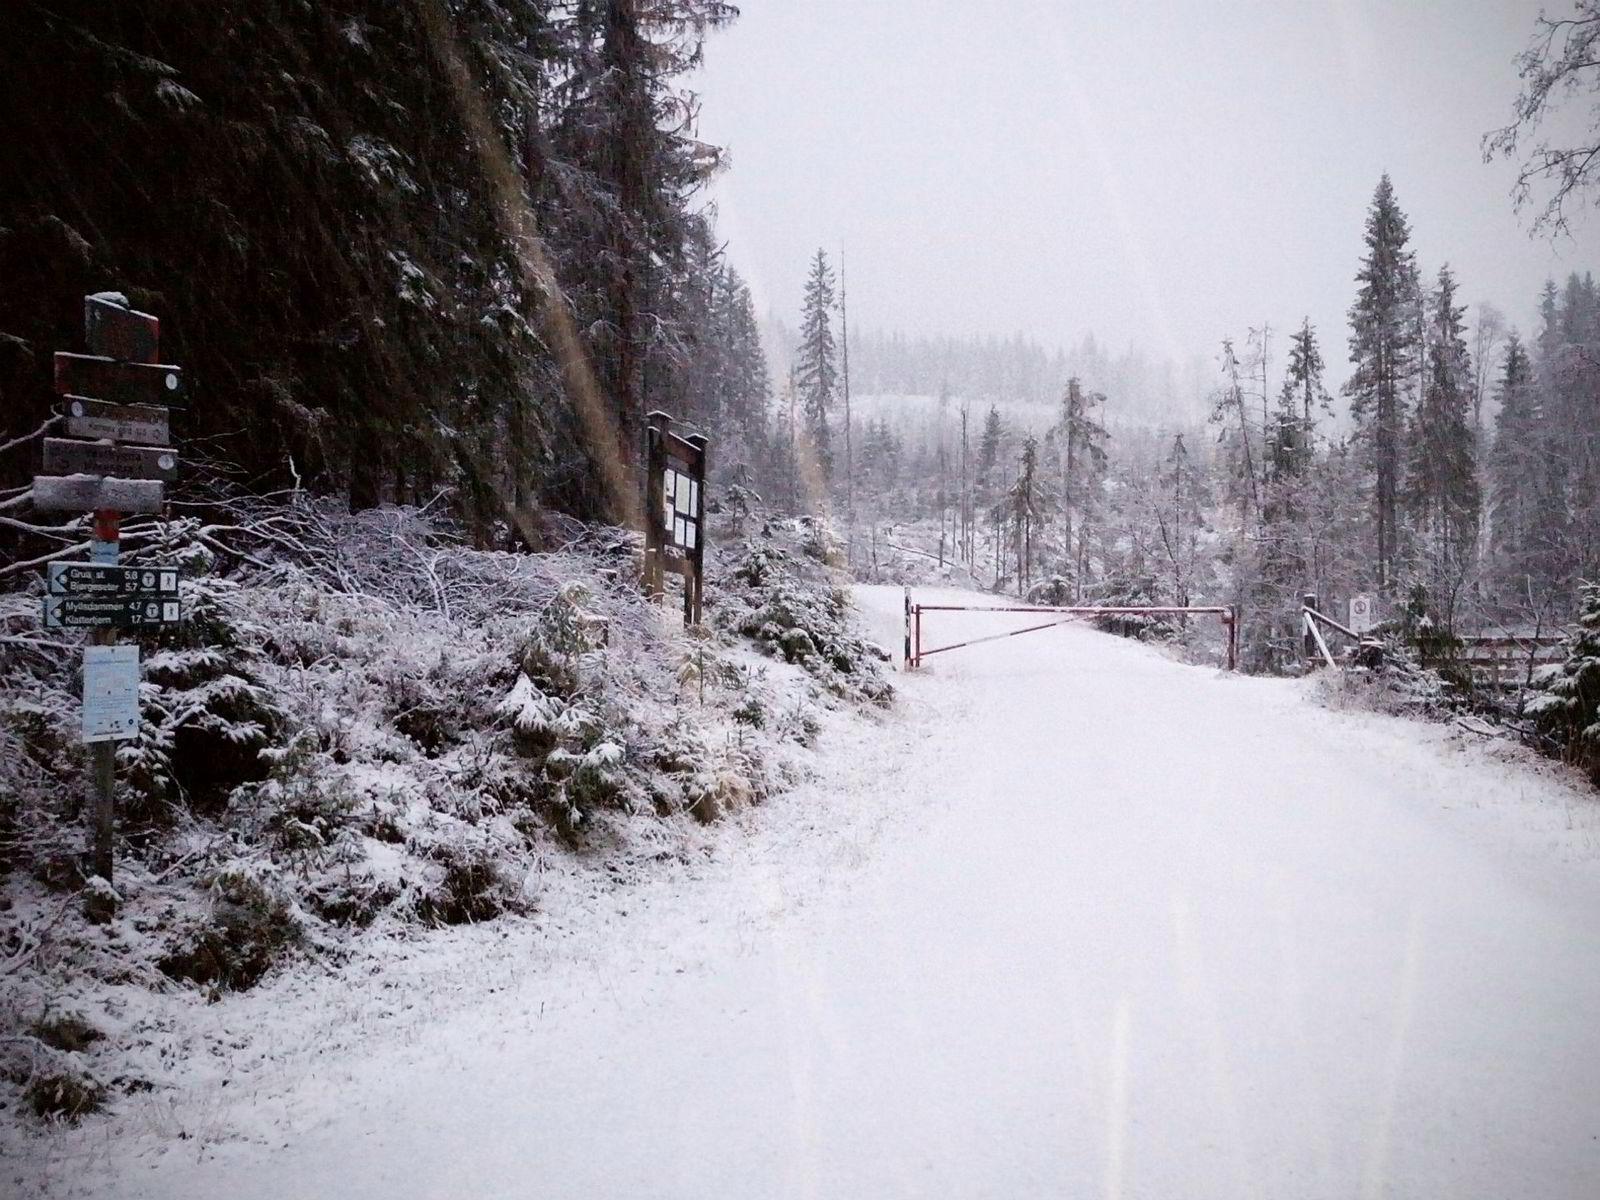 Marka tidlig snø. Nordmarka fikk de første centimeterne med snø tirsdag. Her fra det kjente utgangspunktet Svartbekken.